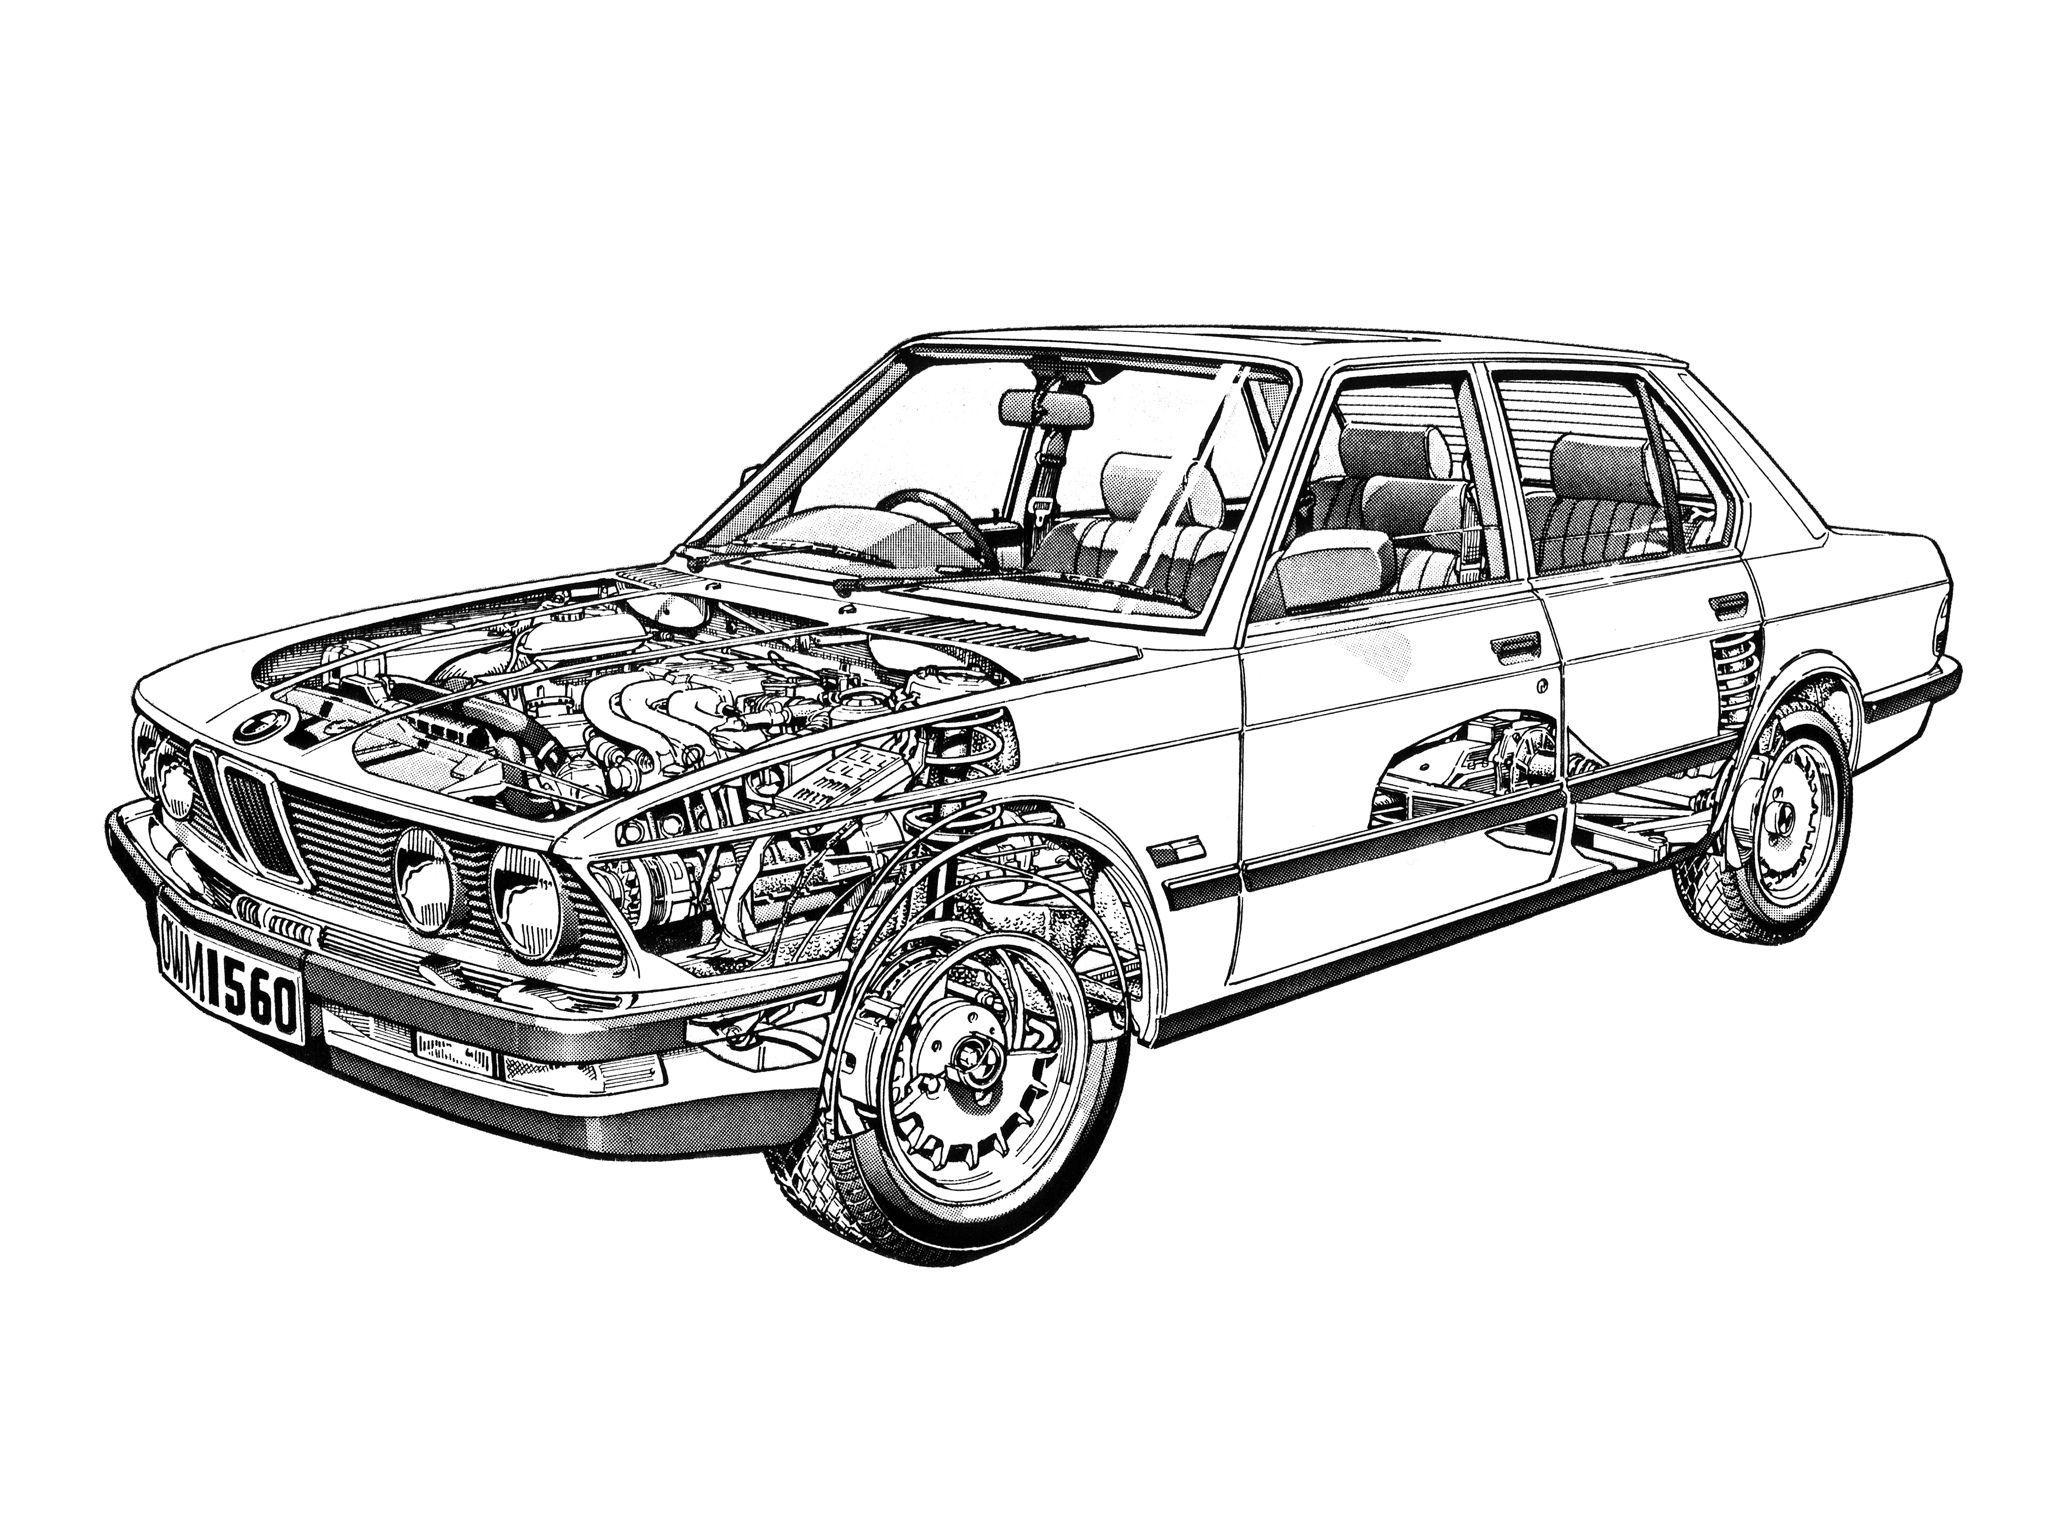 1981-1987 BMW 520i (E28)